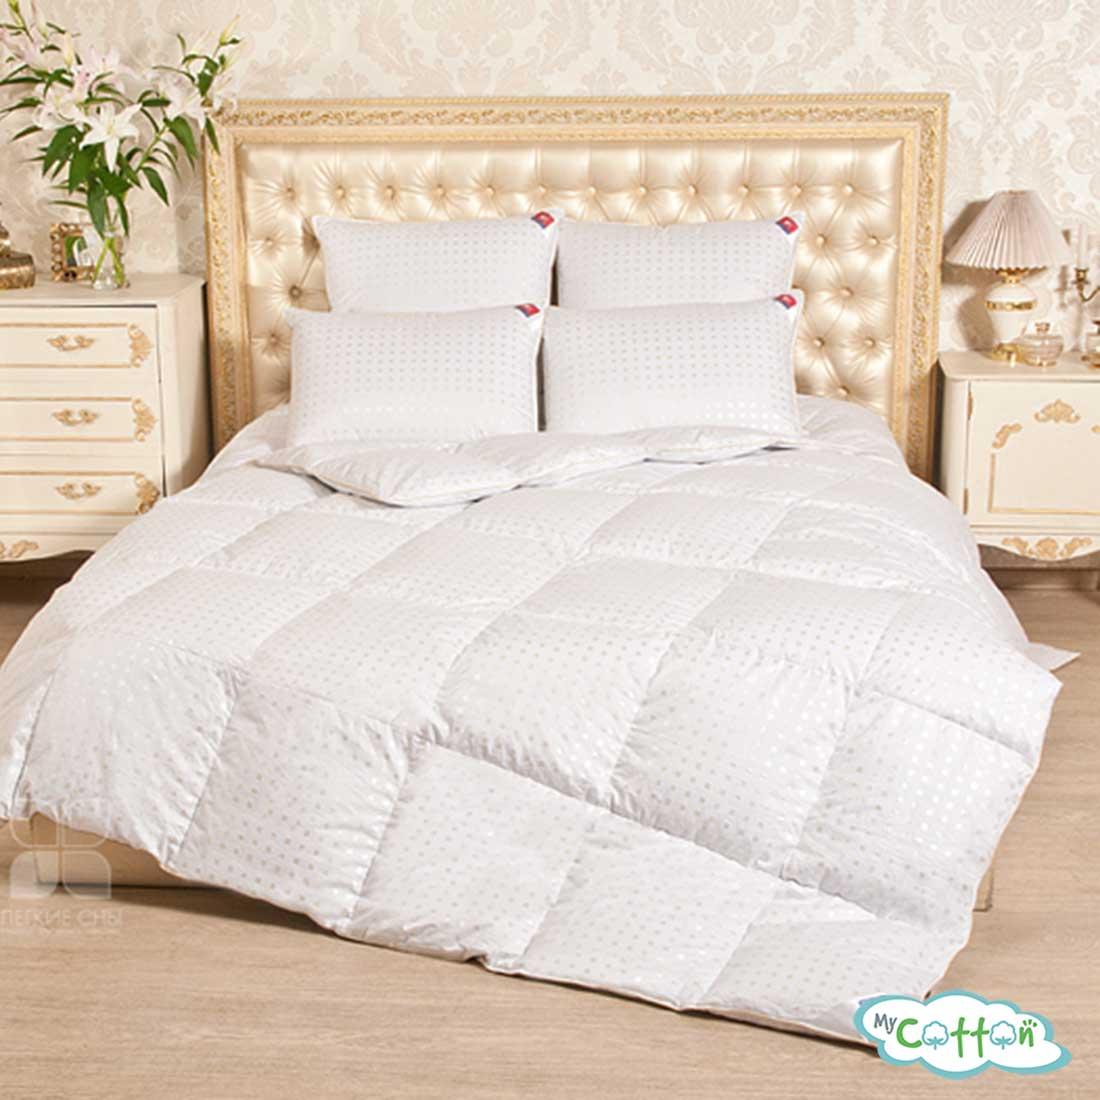 """Одеяло кассетное """"Афродита"""" от компании Легкие сны, теплое"""